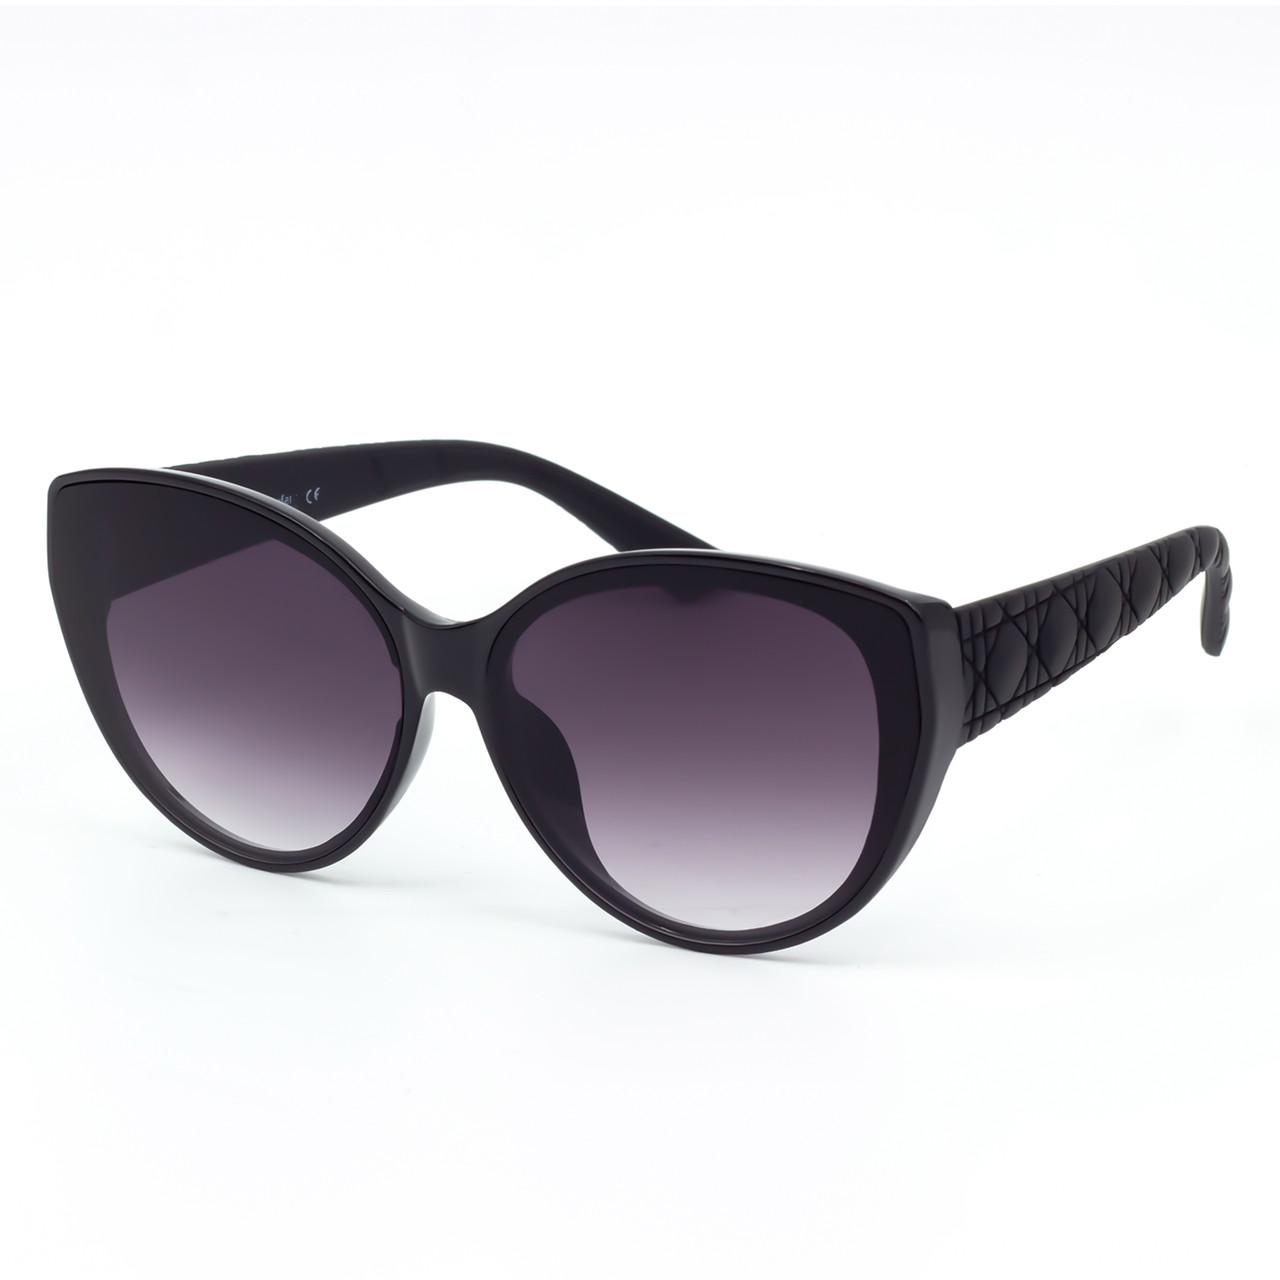 Солнцезащитные очки Marmilen 2012 C1 черные глянцевые    ( 2012-01 )